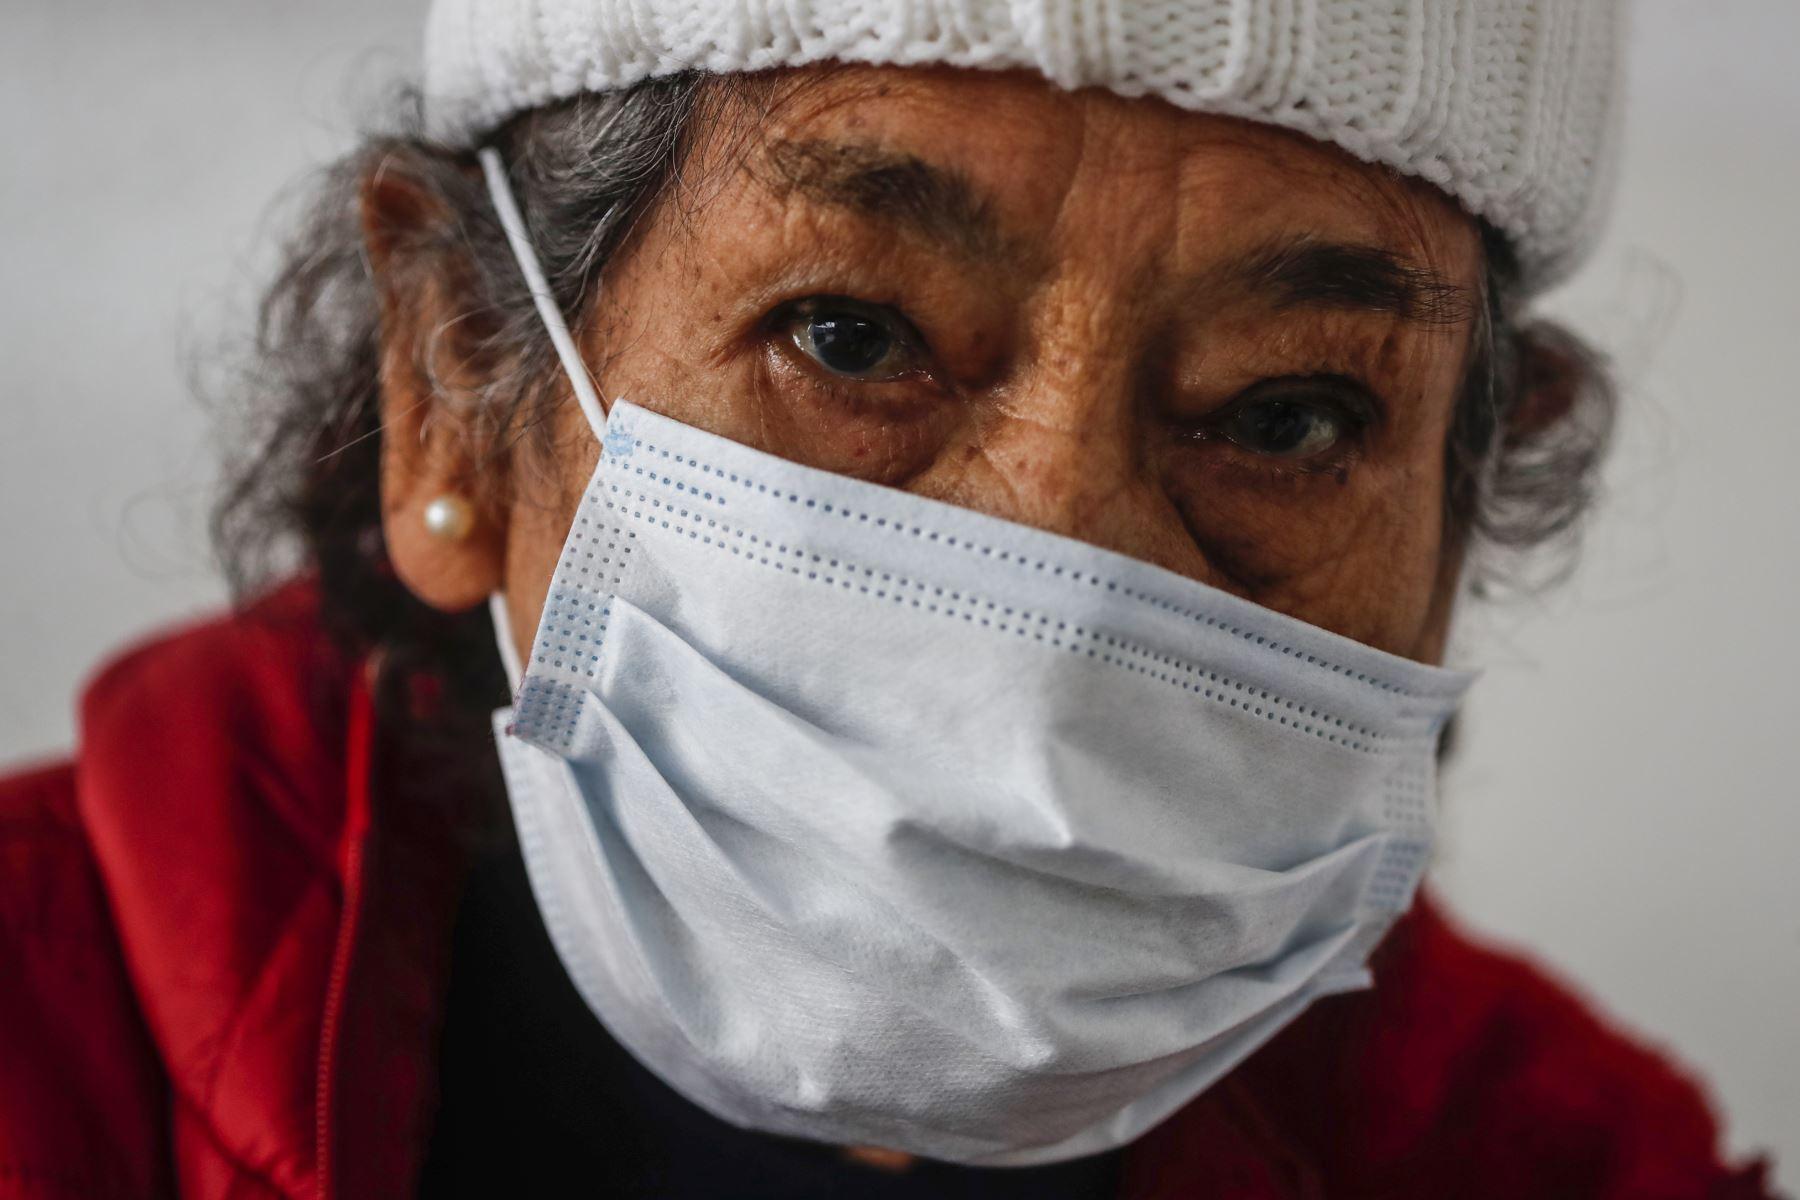 A partir de los 50 años la mortalidad por el covid-19 se incrementa rápidamente y después de 80 años es más elevada. Foto: ANDINA/Renato Pajuelo